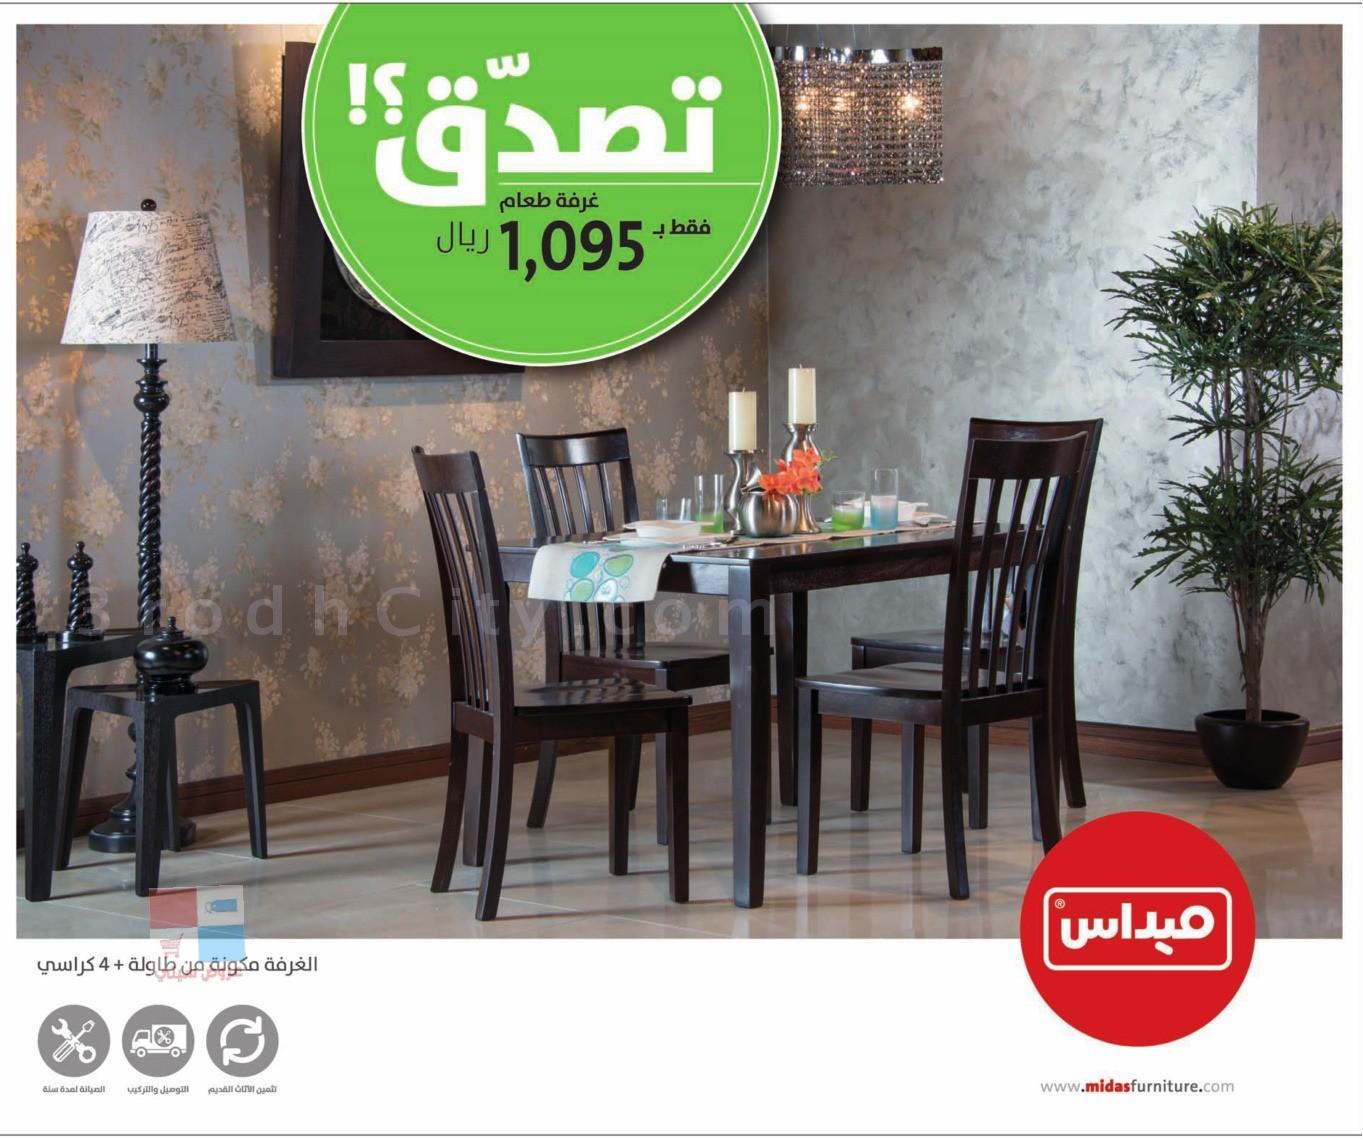 عروض ميداس للمفروشات في الرياض والخبر وجدة qM2NMd.jpg